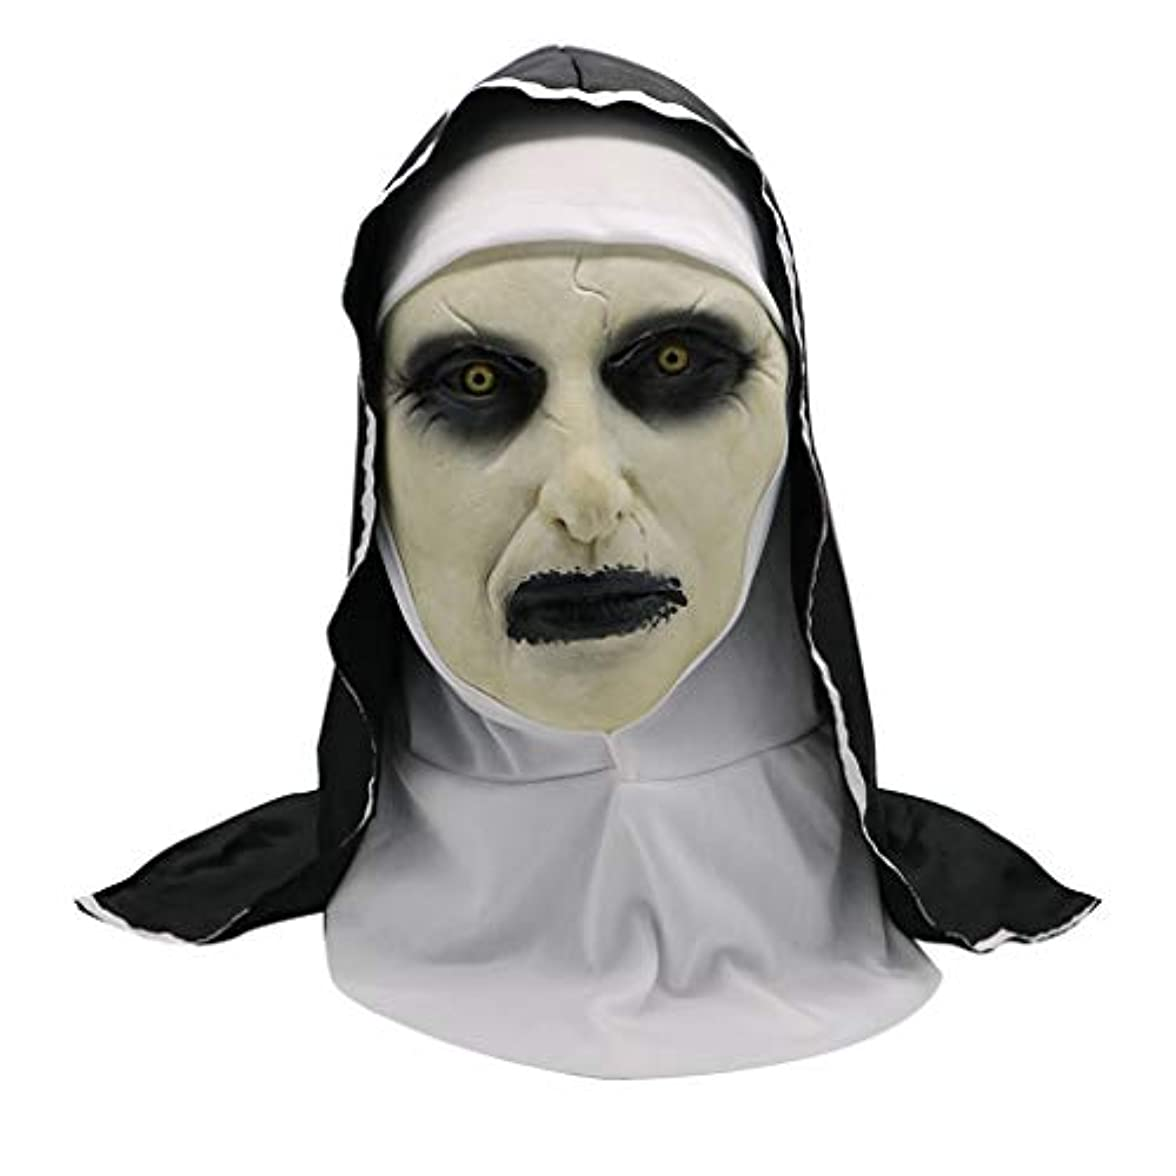 署名ライドカフェテリアラテックスヘッドマスク、ホラーゴーストヌンホラーハロウィンファンシードレスパーティー